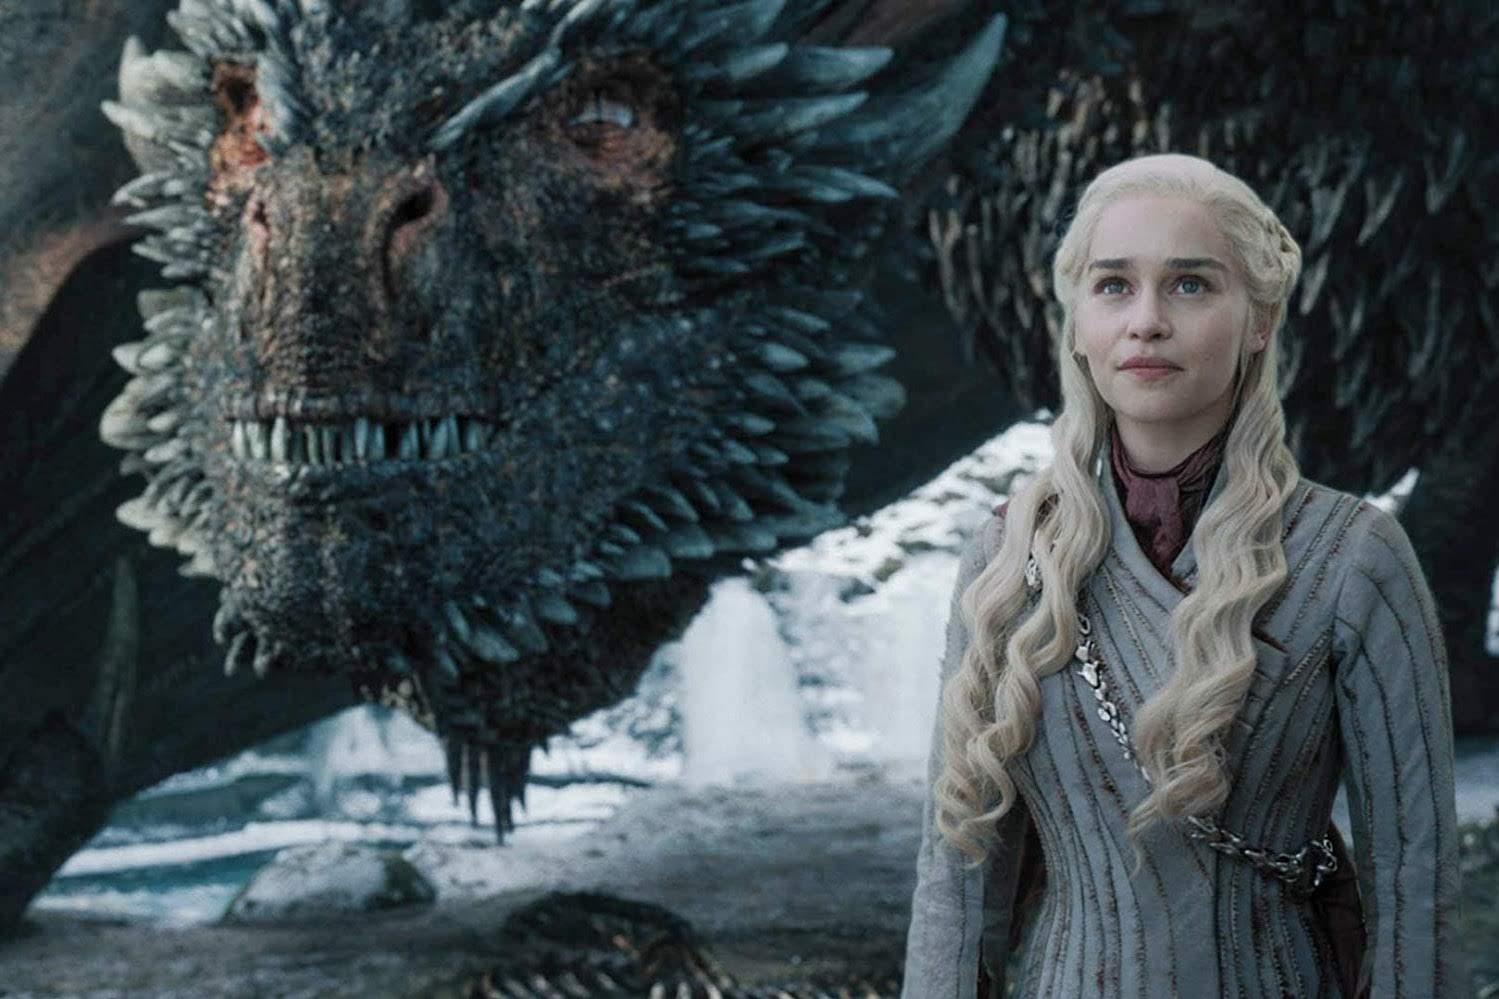 Game of Thrones made a hilarious mistake : 人気TVシリーズ「ゲーム・オブ・スローンズ」が、ついにクライマックスの最終シーズンだというのに、やらかしてしまった凡ミスのトンデモない失敗 ! ! 【Update】